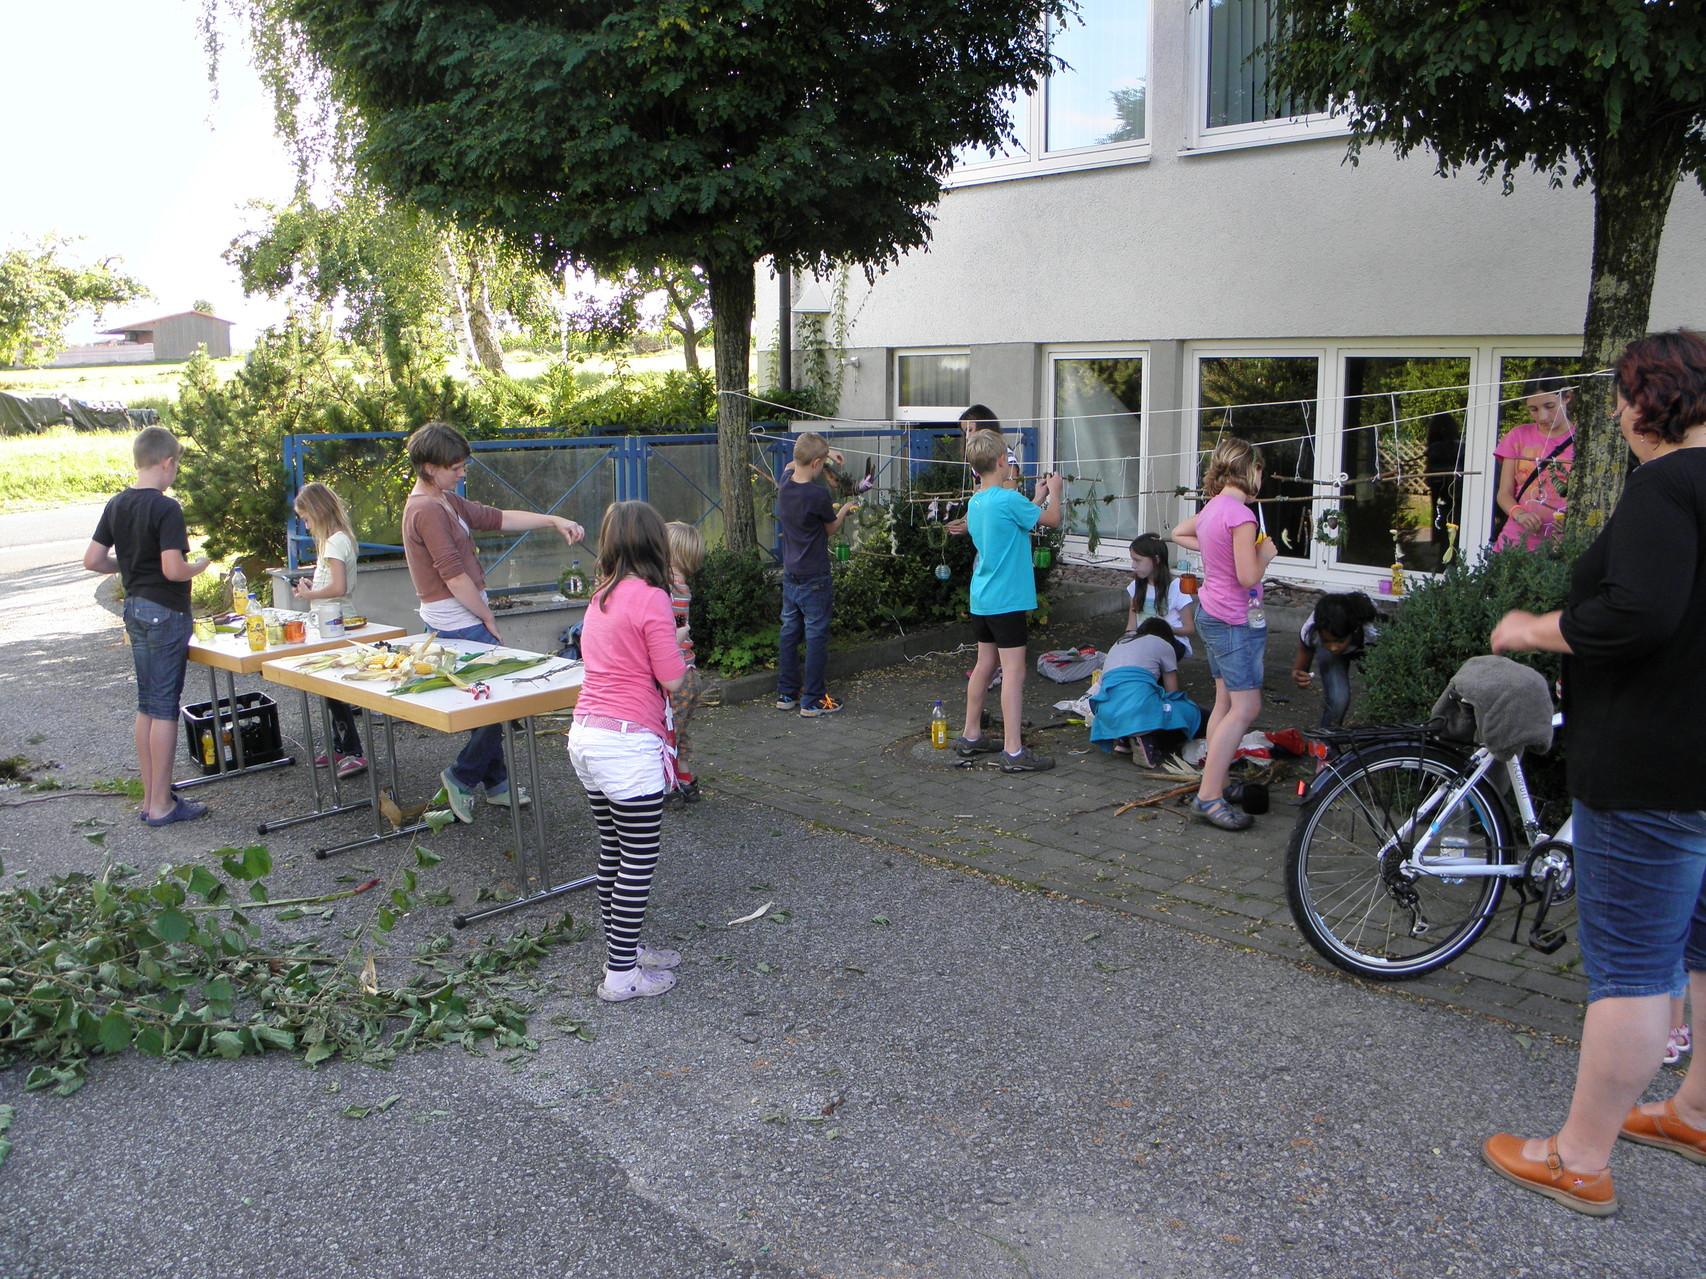 Ferienspiele 2014 - die kreative Naturwerkstatt: es wird geknotet und gewickelt, was das Zeug hält